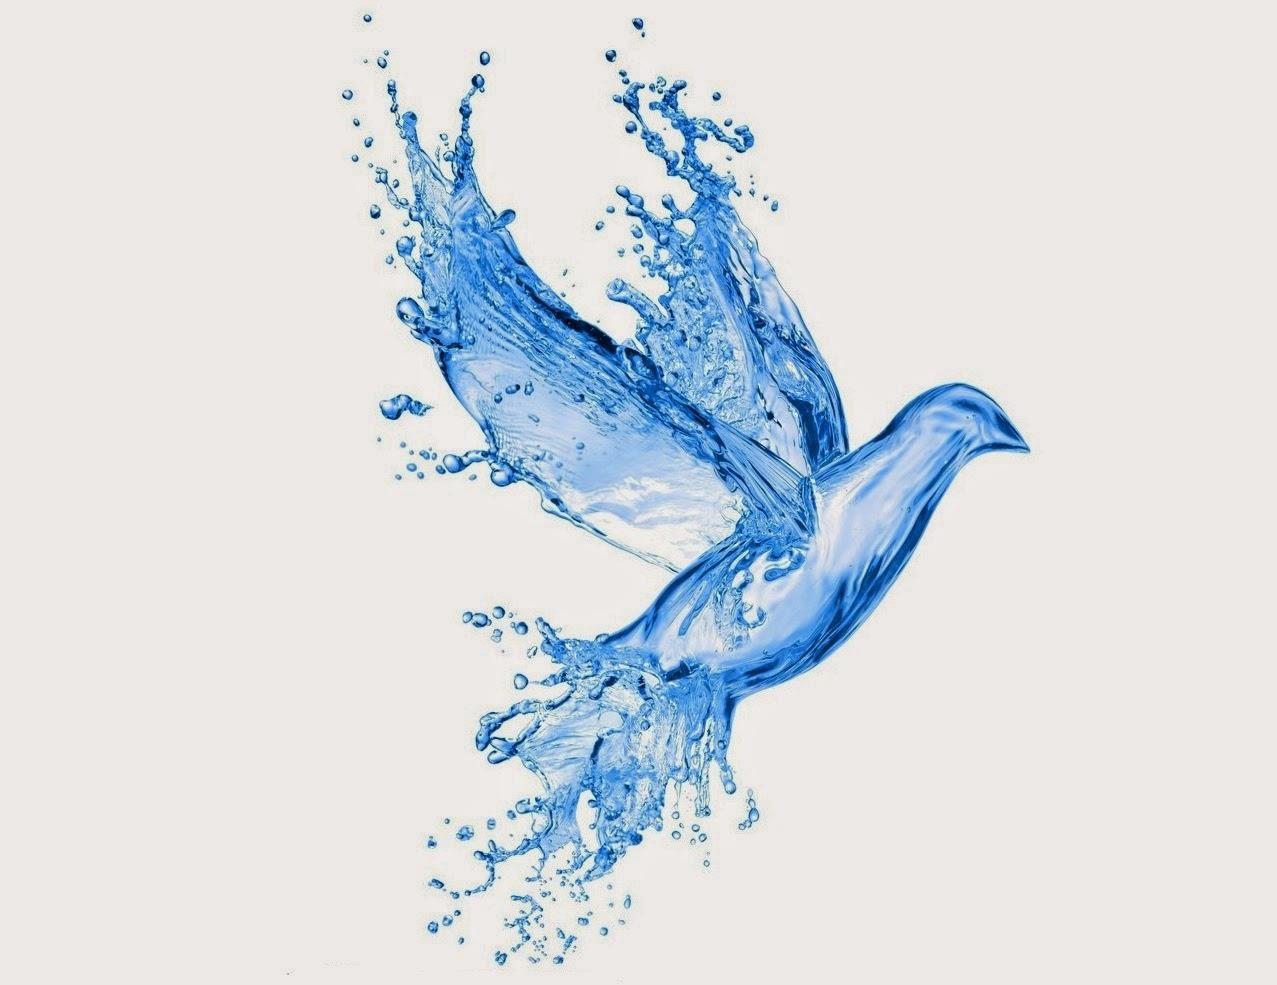 Enchei Vos Do Espírito Santo De: Resgatando Vidas: Enchendo-se Do Espirito Santo